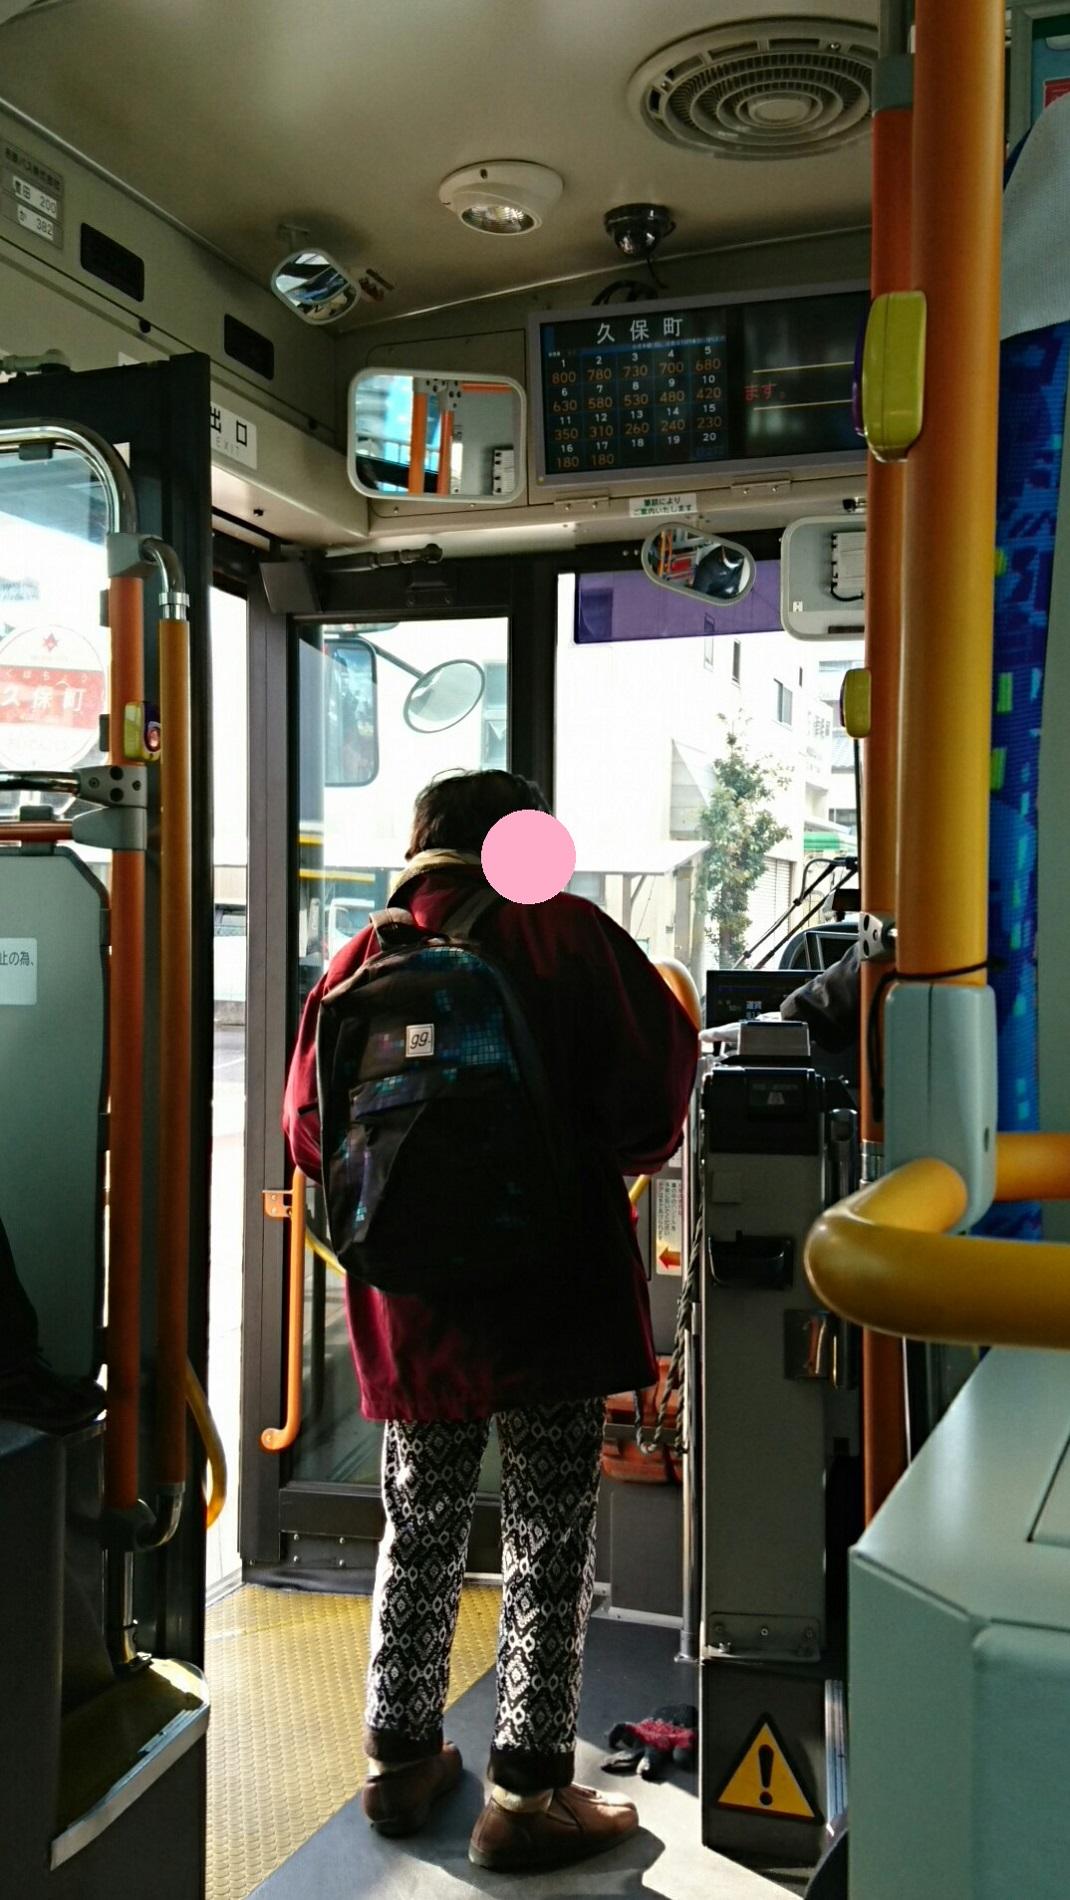 2018.2.5 東山住宅線 (70) 久保町バス停 1070-1900